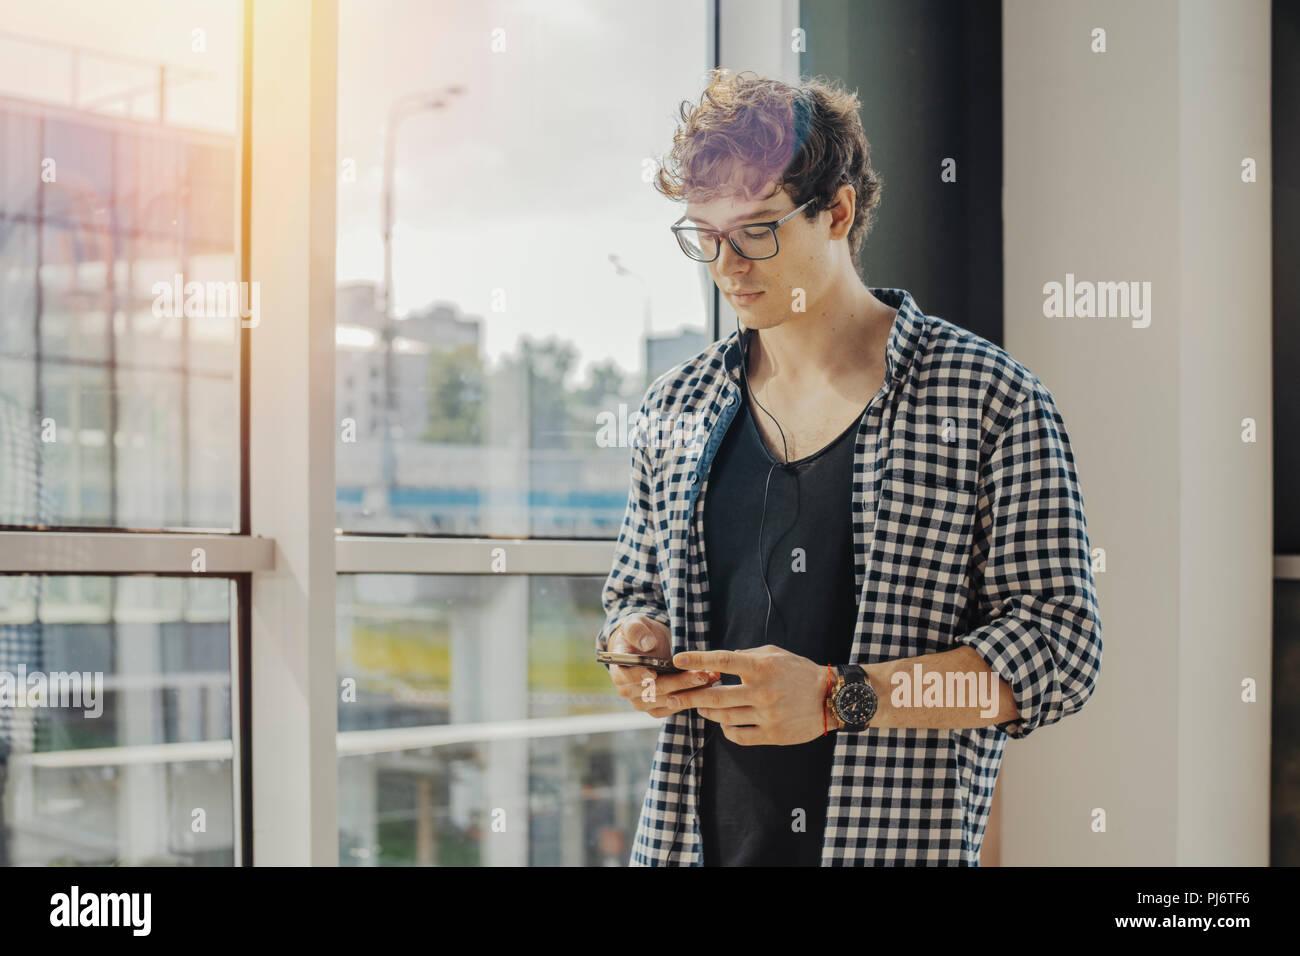 Primer plano de un joven hombre mirando la pantalla del teléfono móvil en la estación de metro. Imagen De Stock